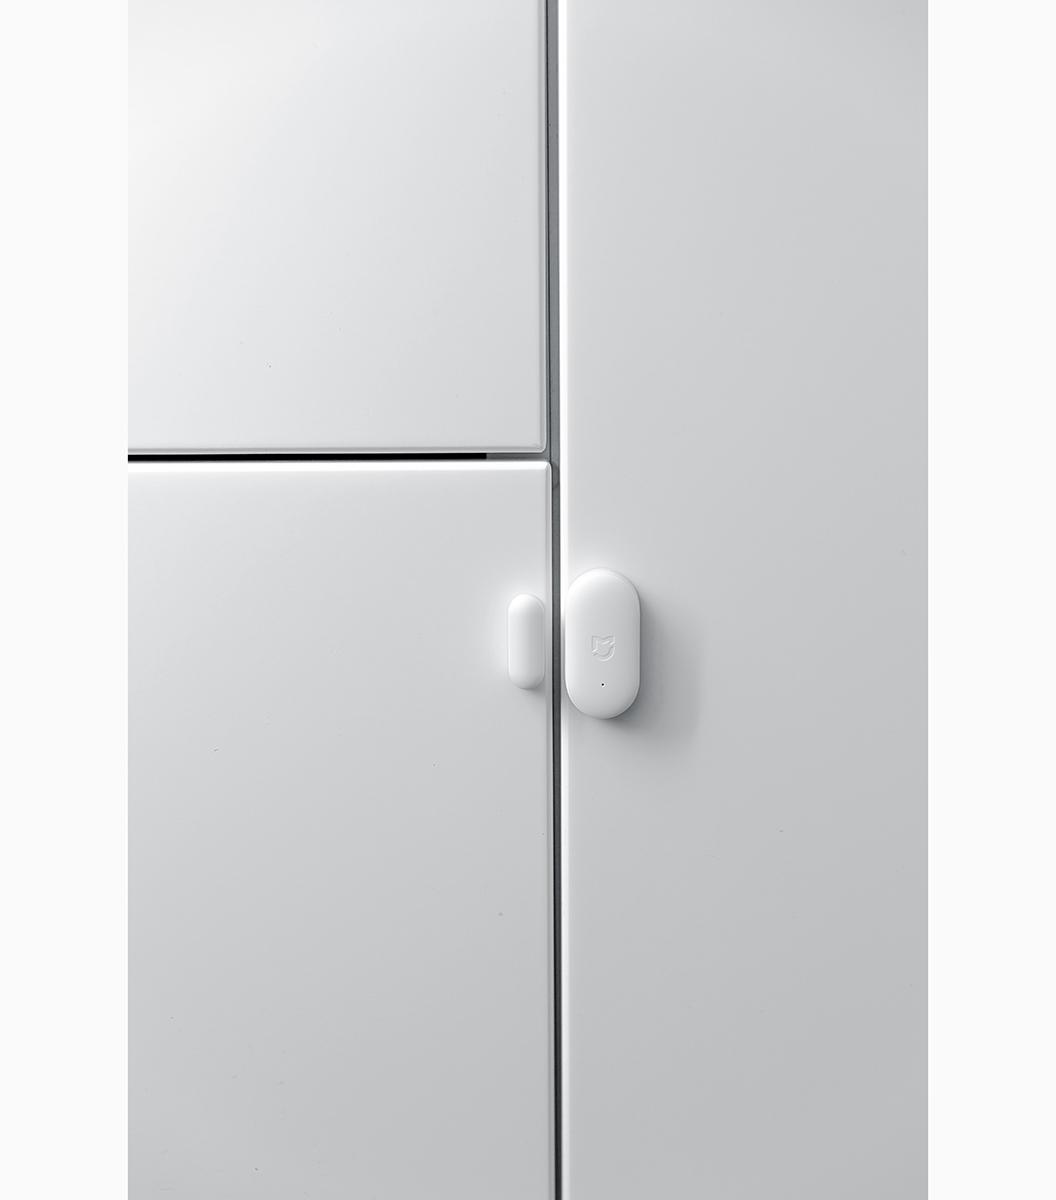 xiaomi_mi_smart_home_sensor_set_9